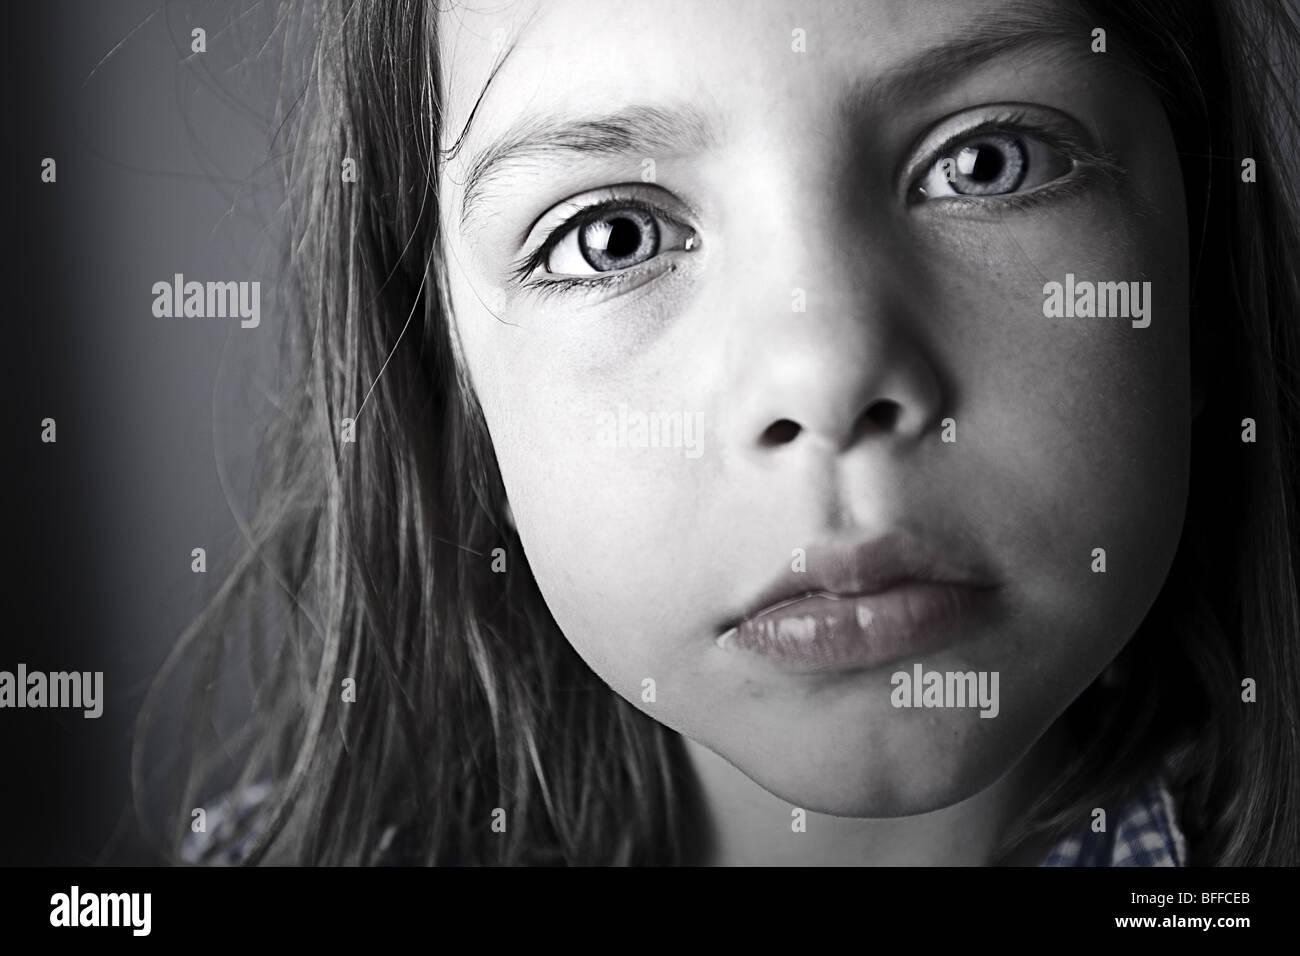 Gros plan d'un enfant intense Photo Stock